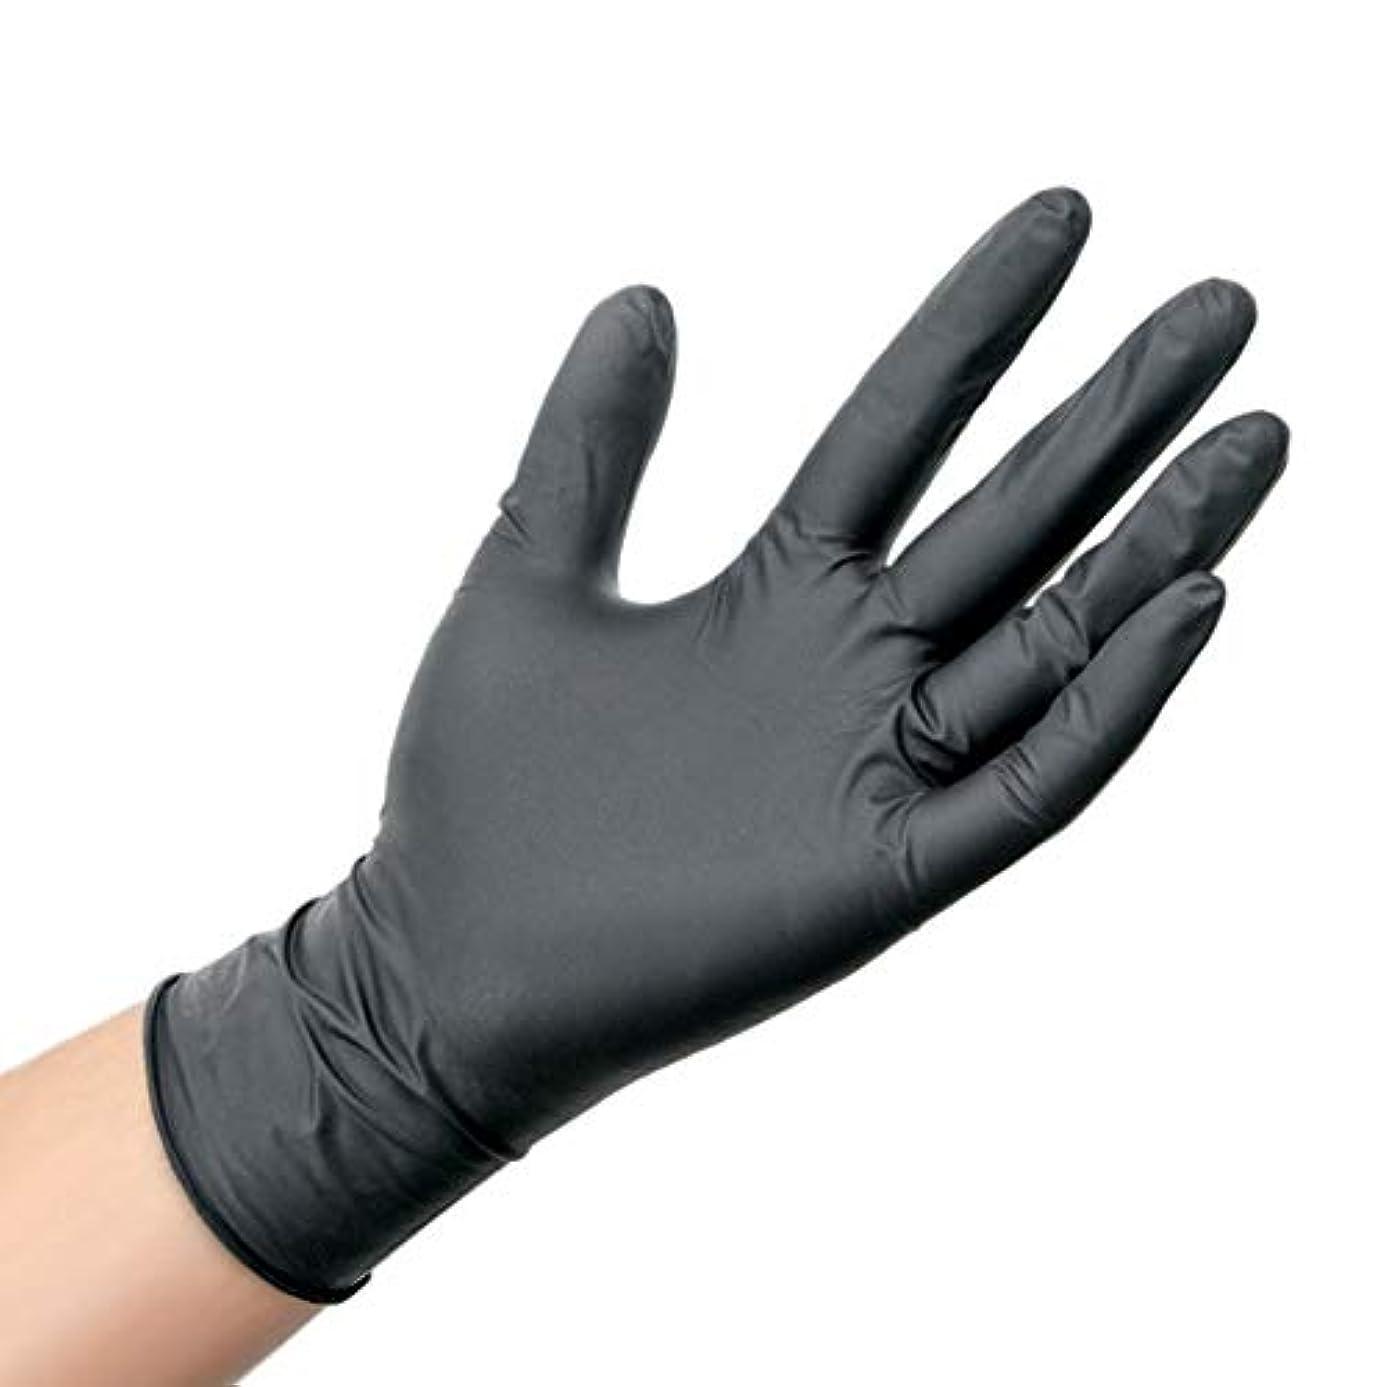 予知大佐マルコポーロ肥厚した抗酸とアルカリの帯電防止保護手袋使い捨て工業用ニトリルゴム手袋 YANW (色 : ブラック, サイズ さいず : M m)